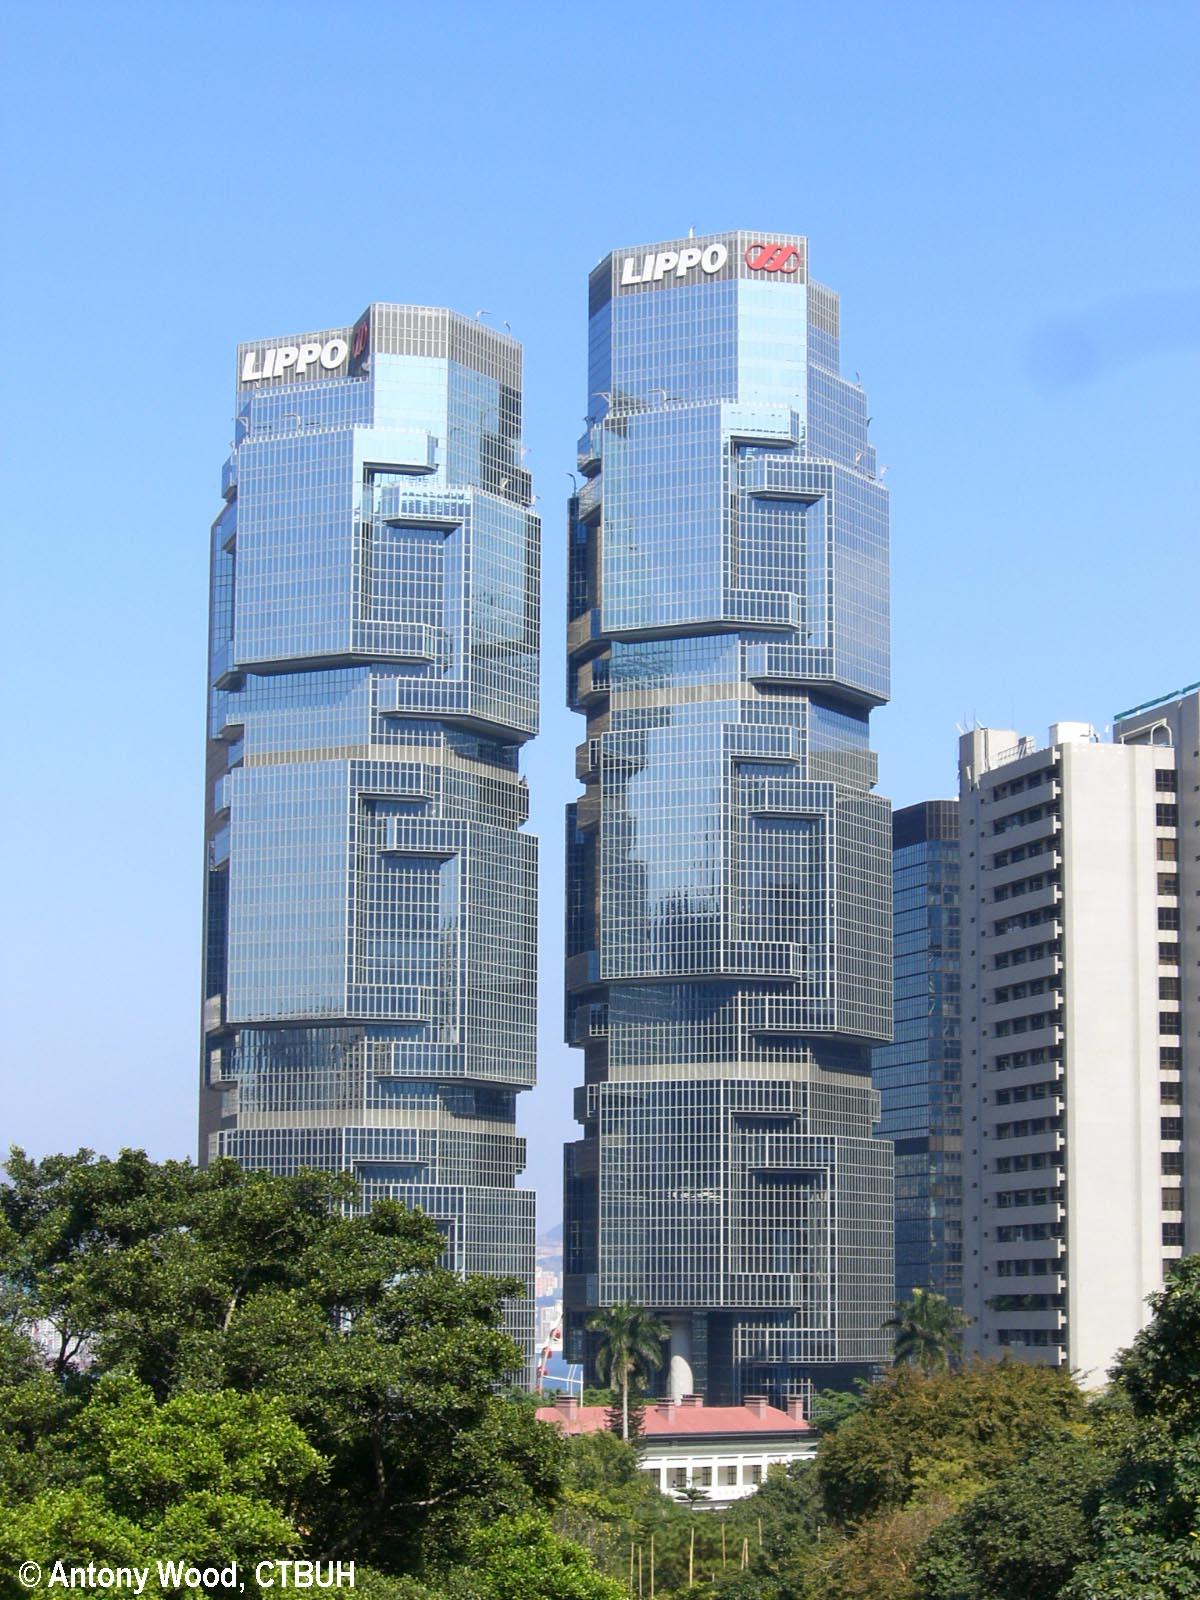 Lippo Tower The Skyscraper Center